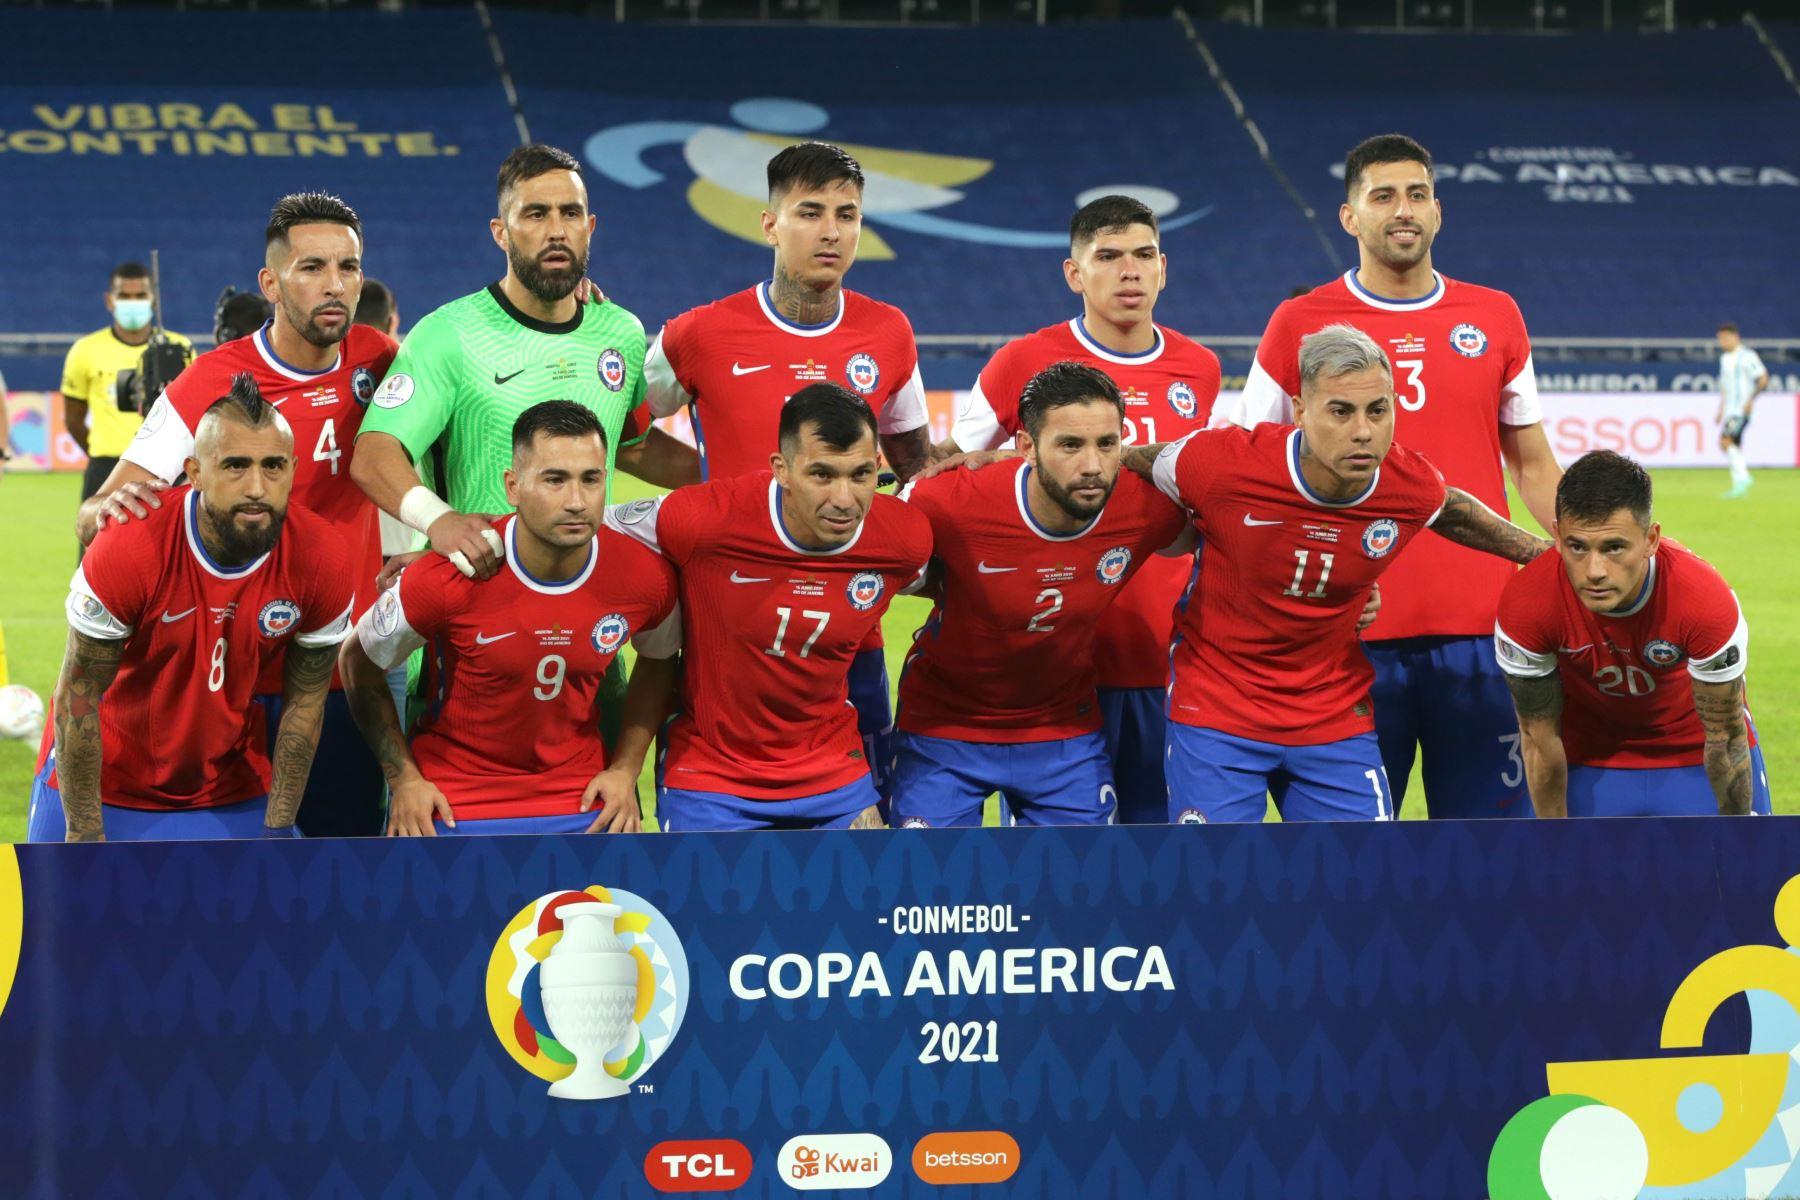 Jugadores de Chile forman hoy, previo a un partido del grupo B de la Copa América entre las selecciones de Argentina y Chile en el estadio Olímpico Nilton Santos en Río de Janeiro (Brasil).  Foto: EFE